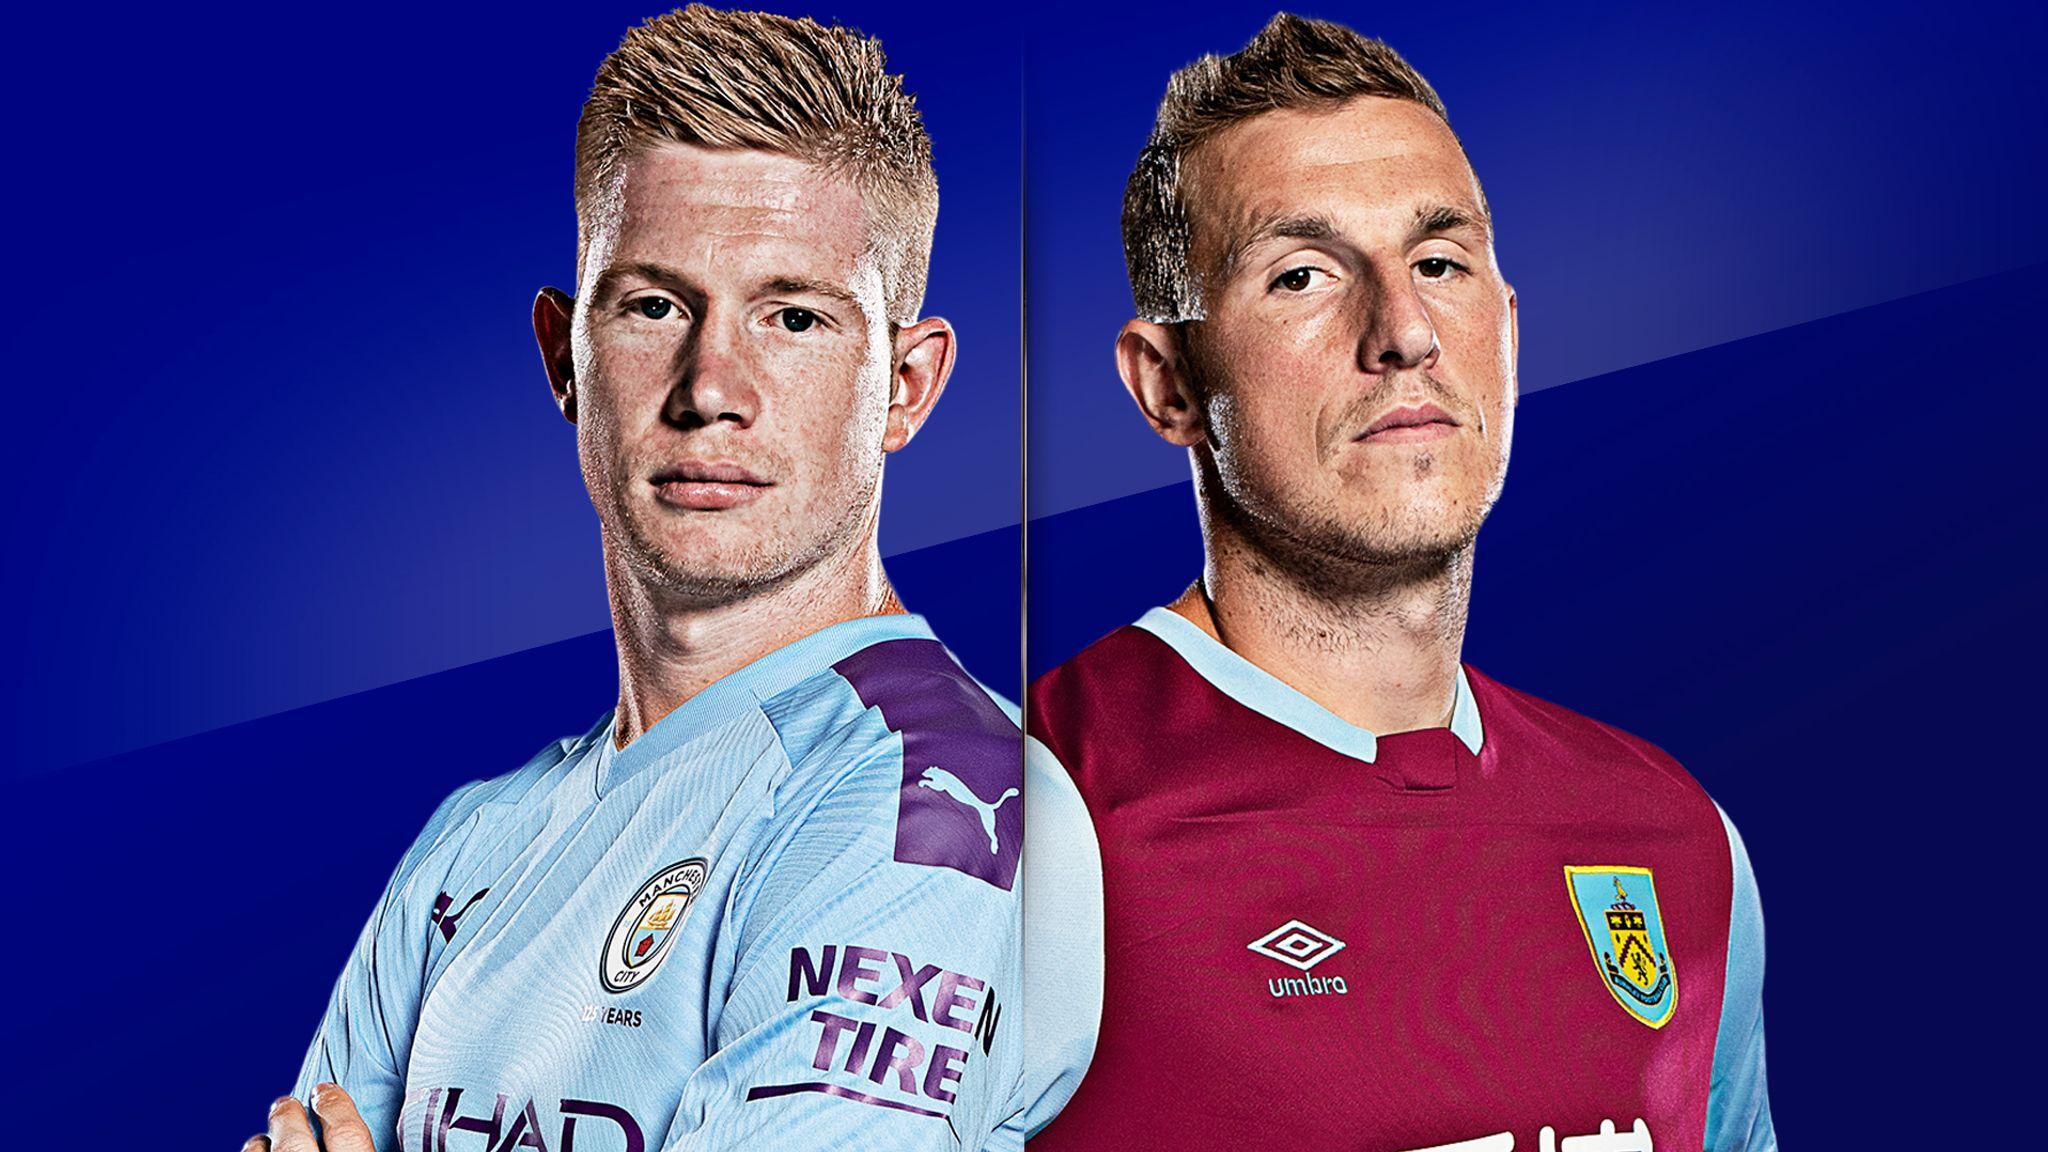 بث مباشر | مشاهدة مباراة مانشستر سيتي وبيرنلي اليوم في الدوري الإنجليزي